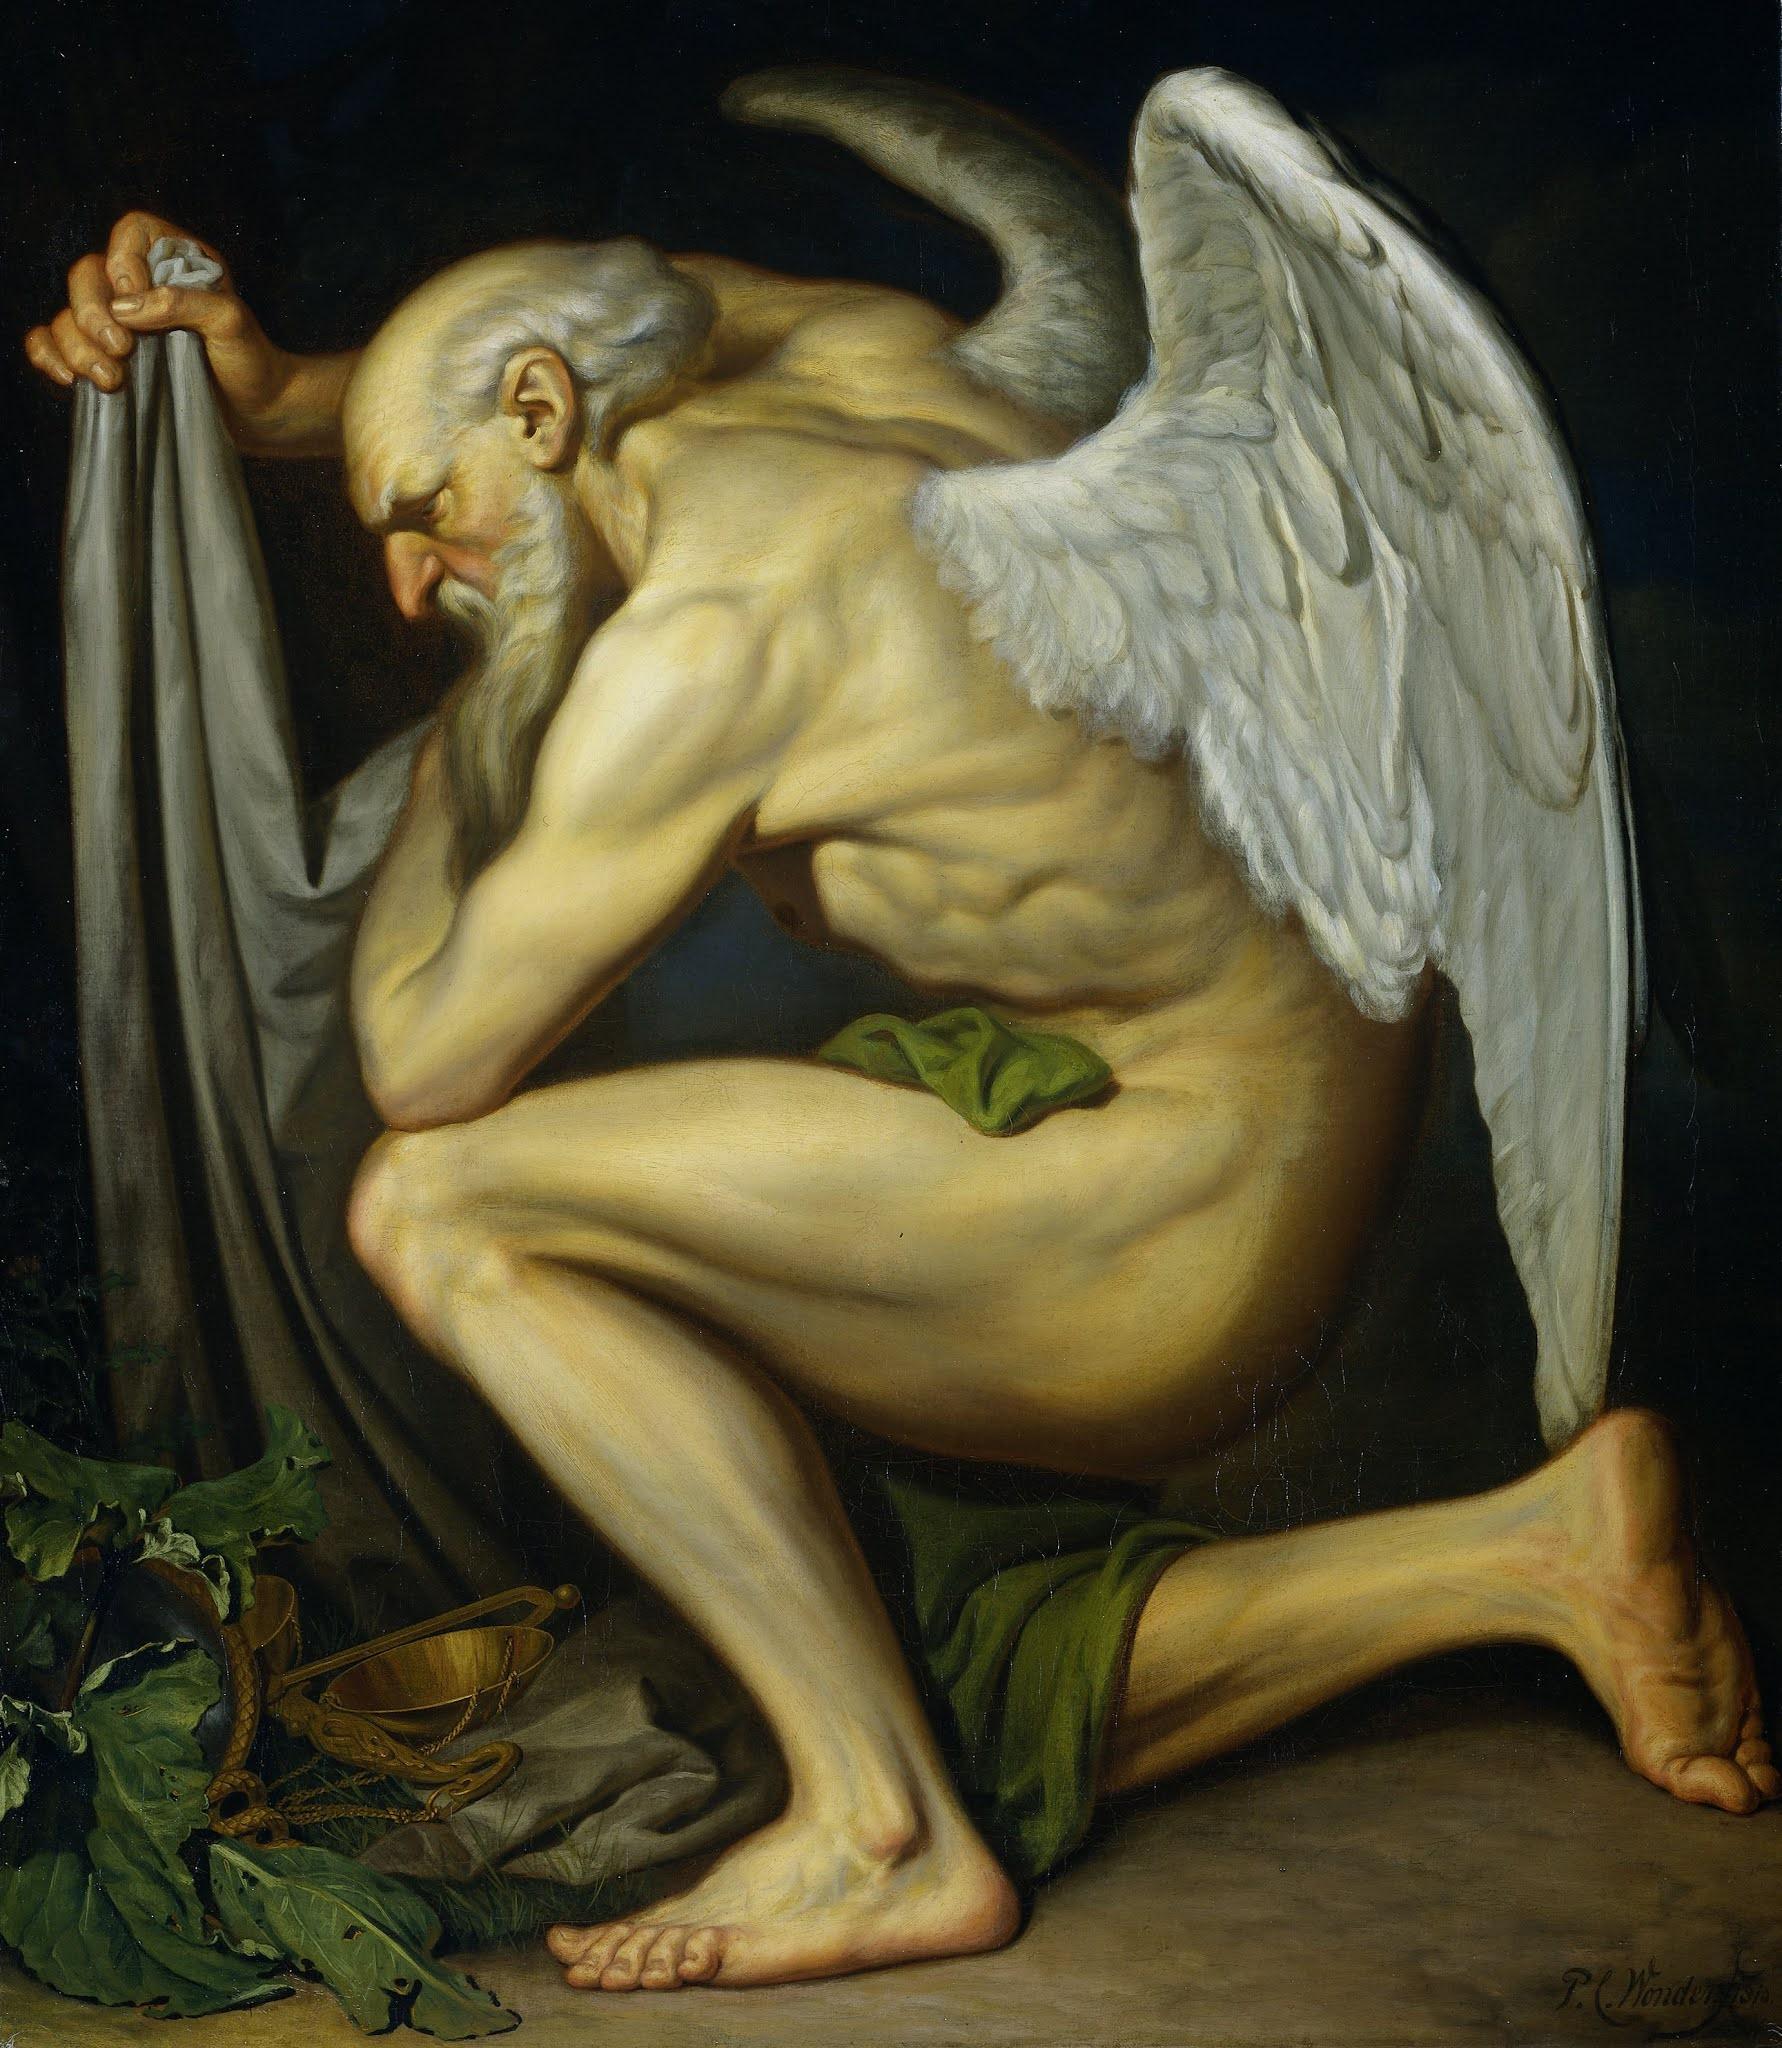 ピーテル・クリストッペル・ワンダーの『時の翁』